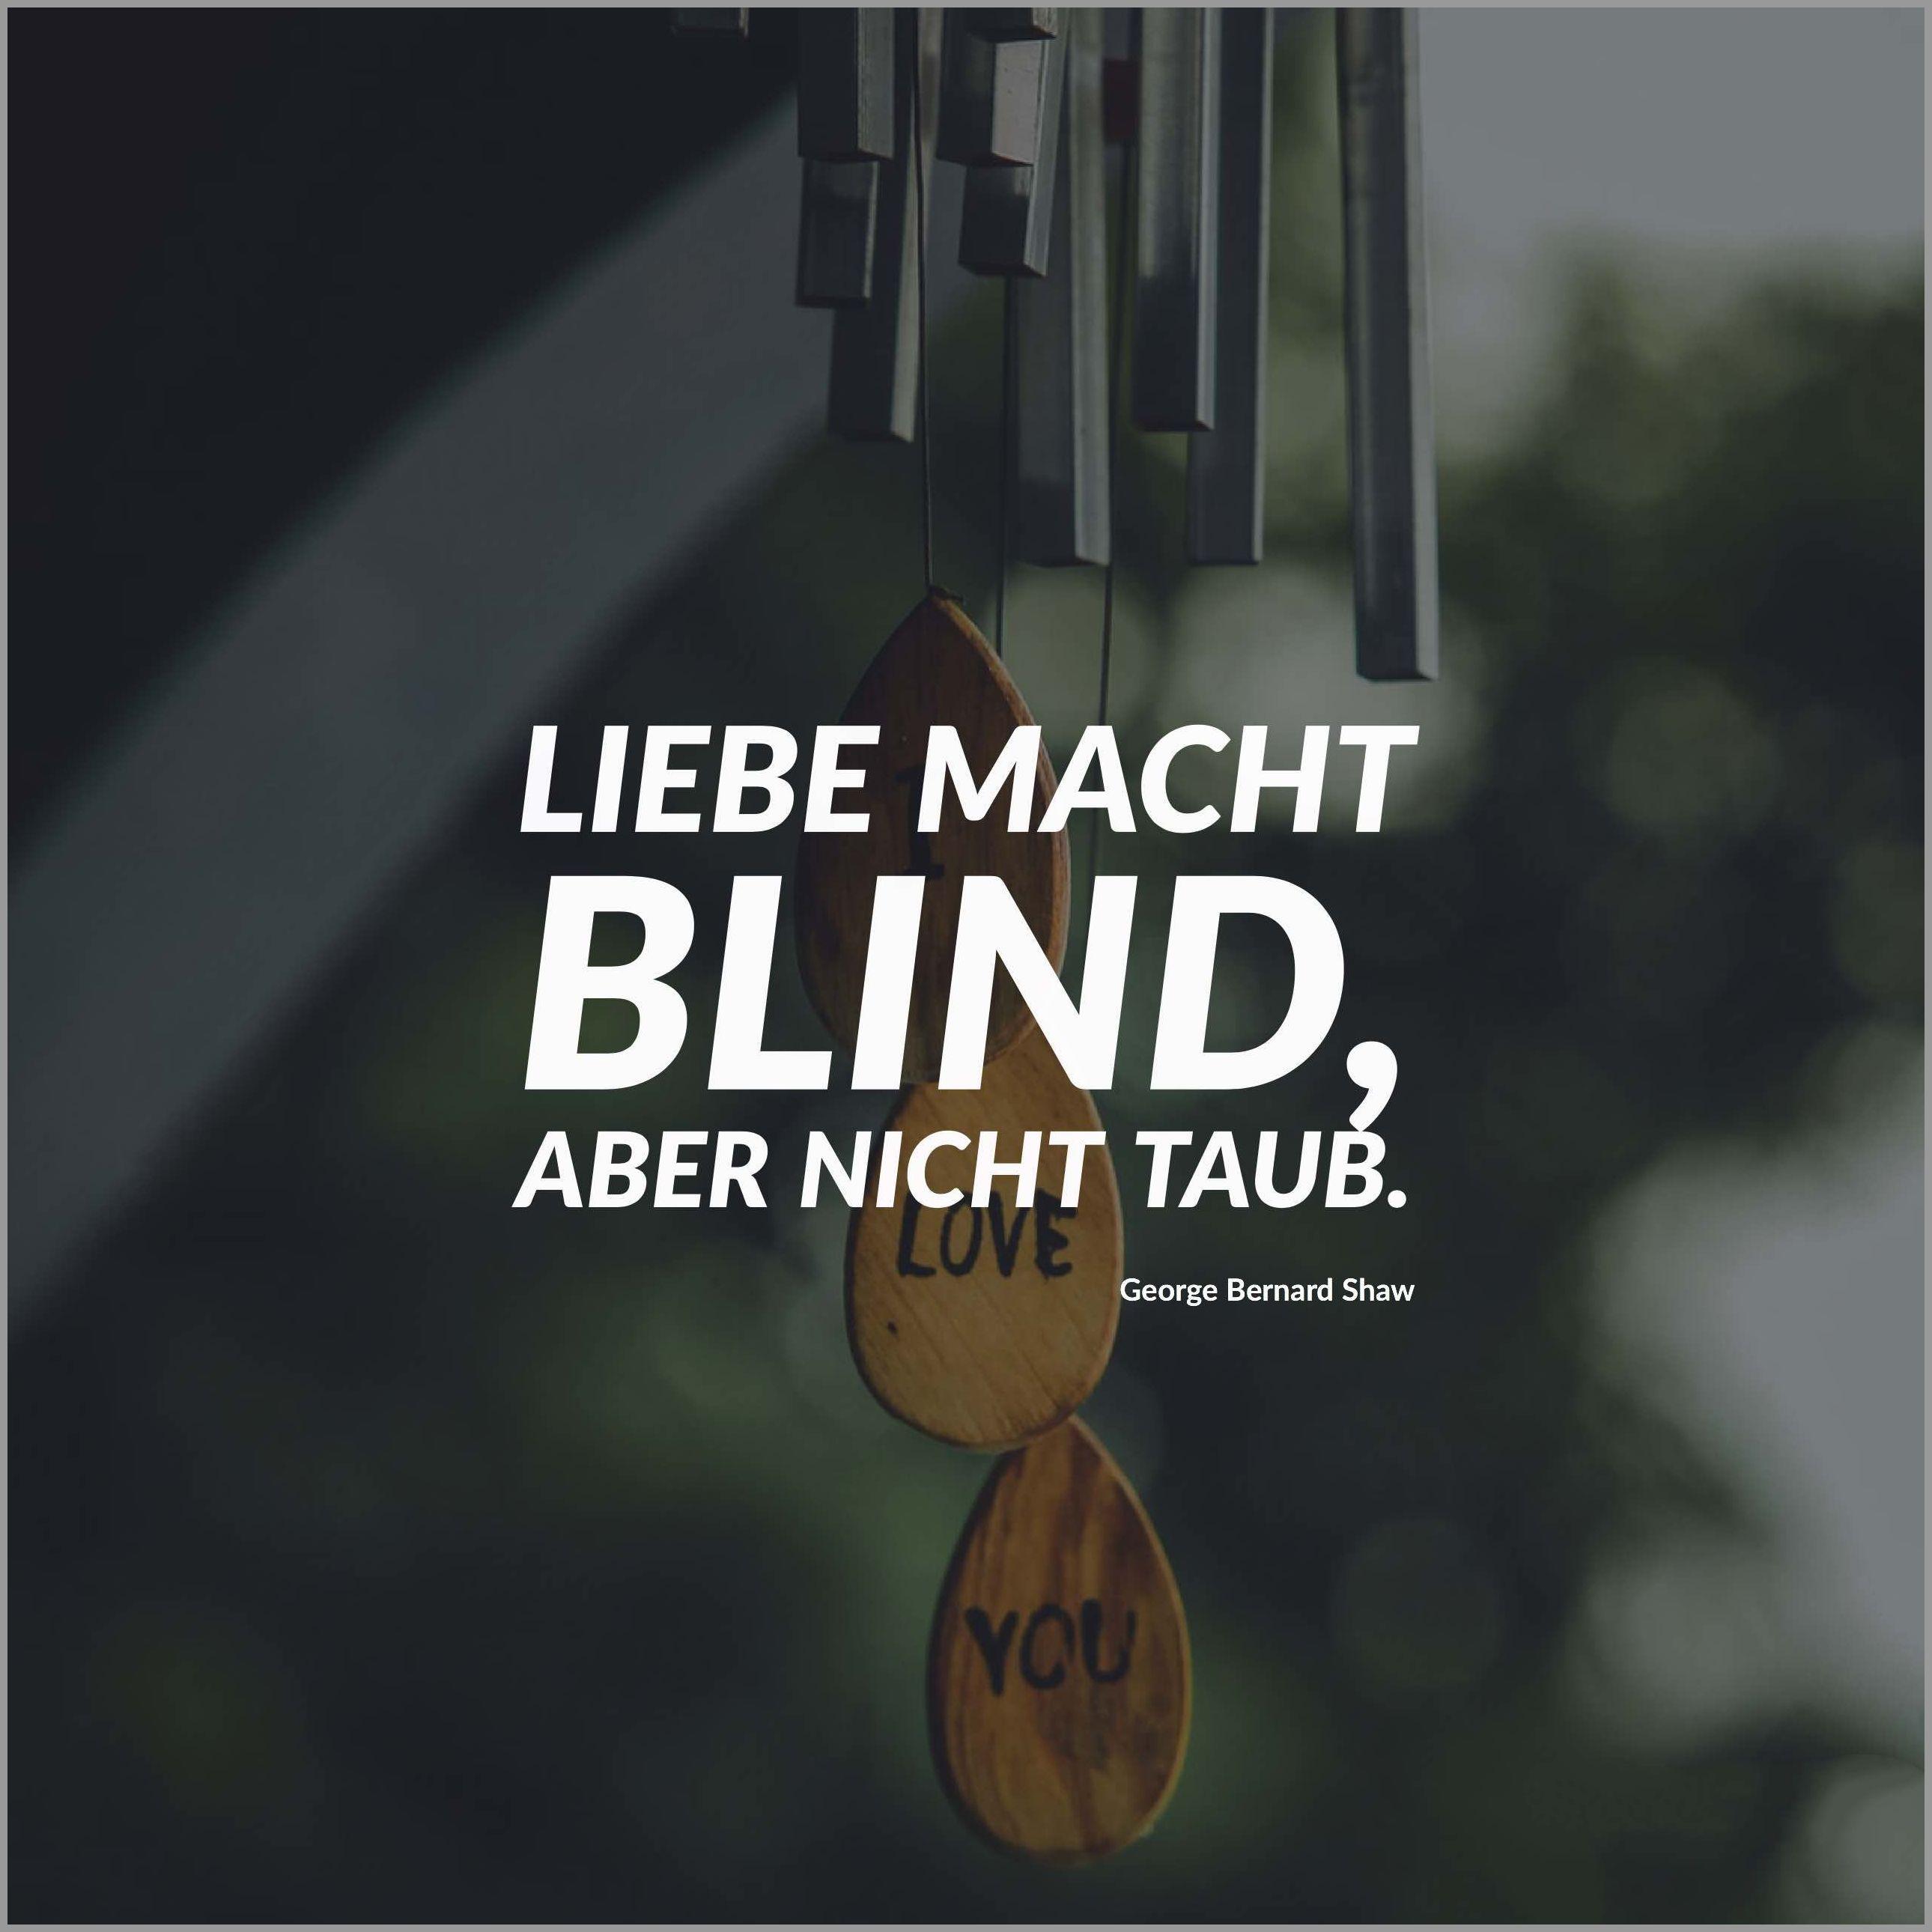 Liebe macht blind aber nicht taub - Liebe macht blind aber nicht taub